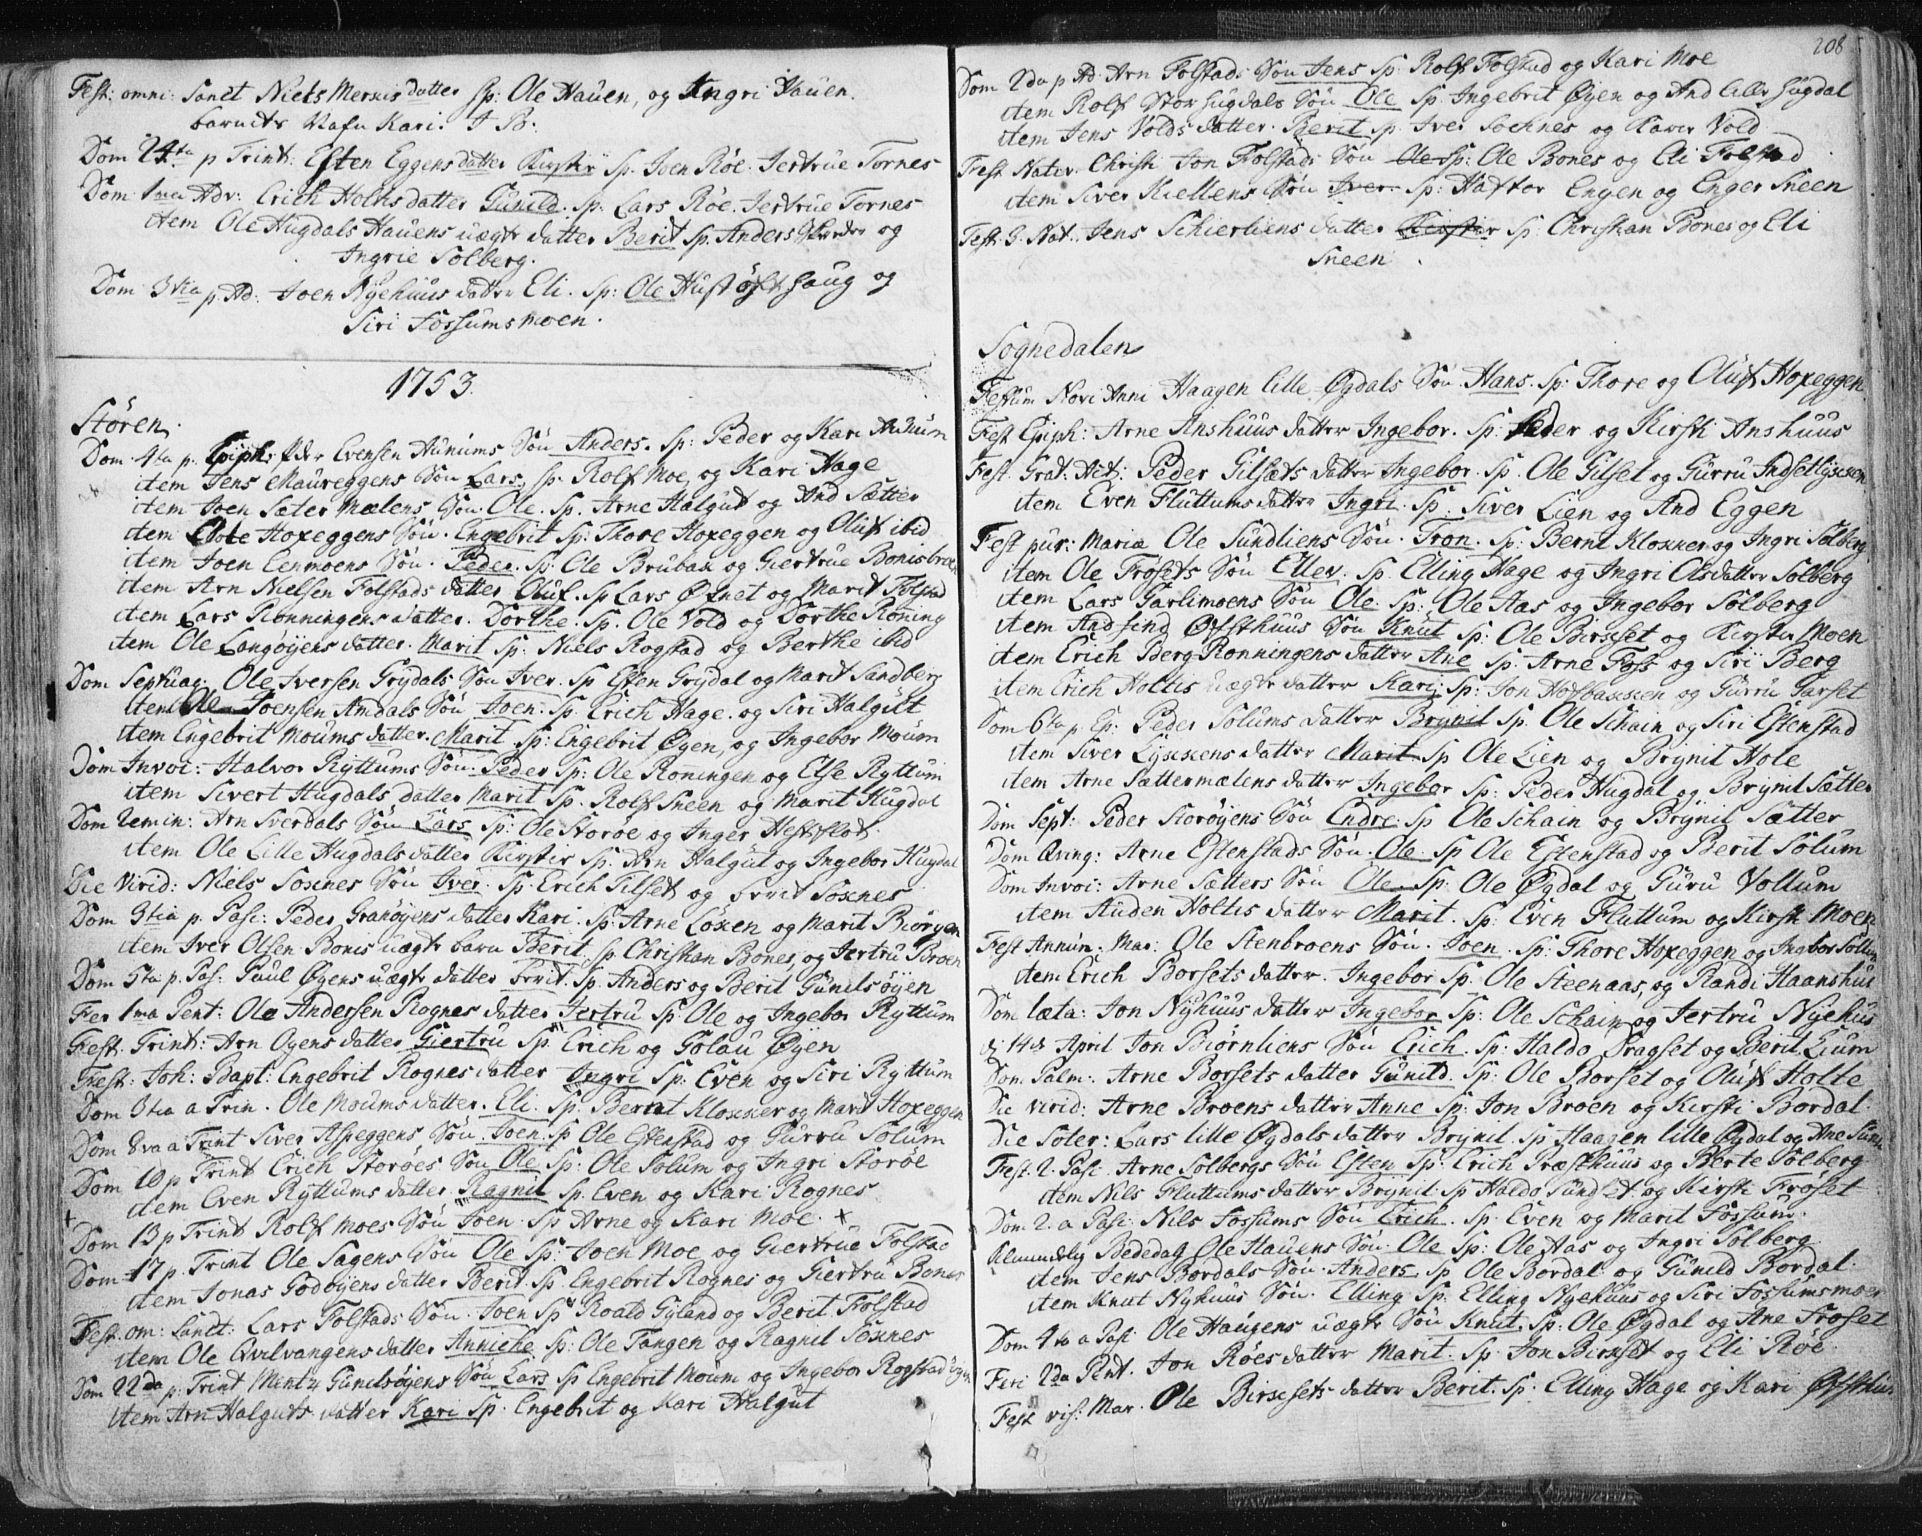 SAT, Ministerialprotokoller, klokkerbøker og fødselsregistre - Sør-Trøndelag, 687/L0991: Ministerialbok nr. 687A02, 1747-1790, s. 208